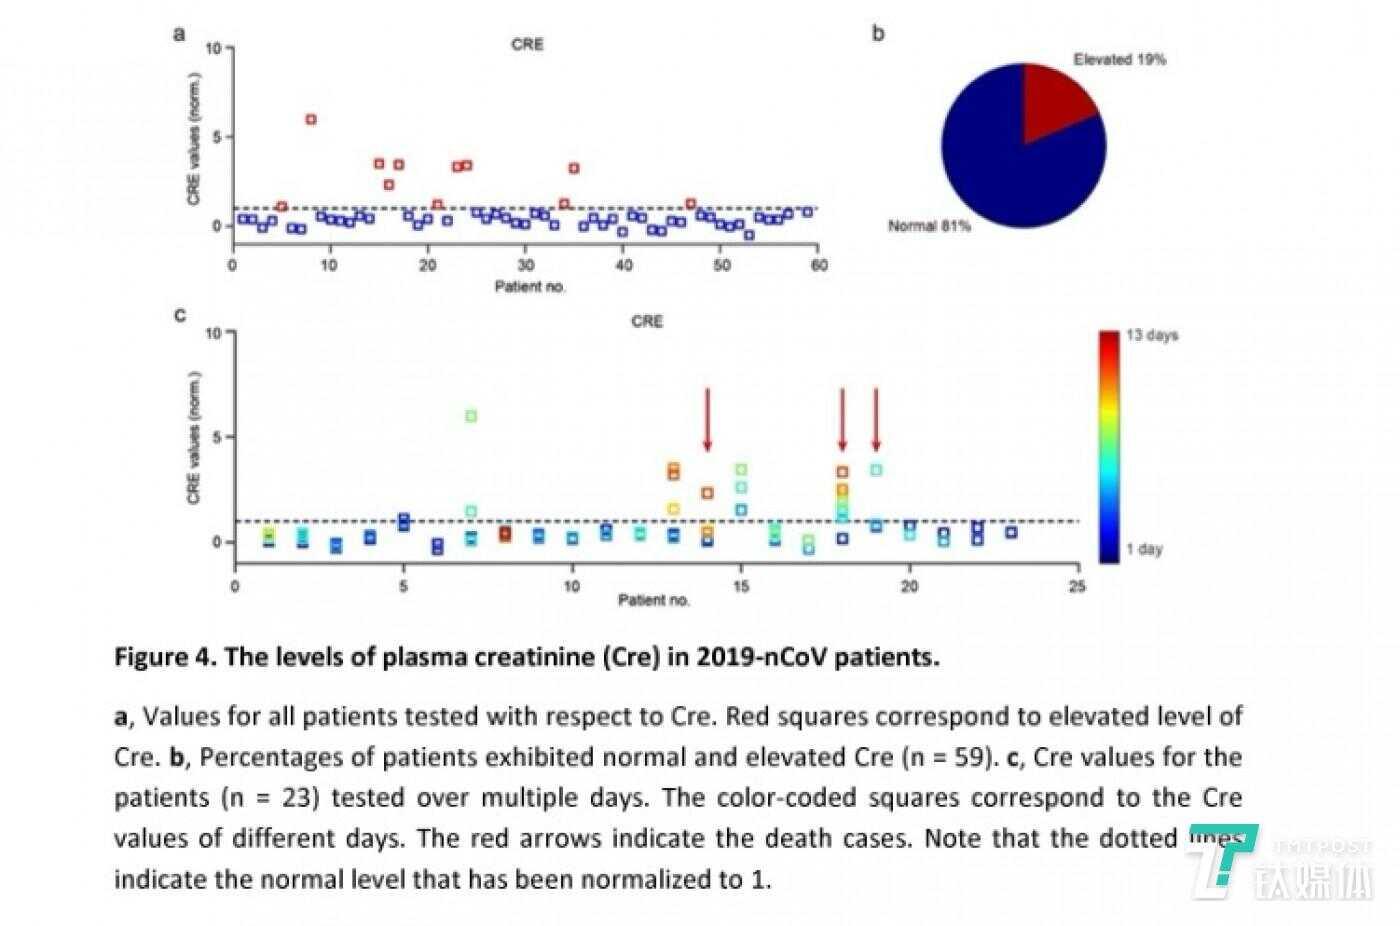 新冠肺炎患者的血浆肌酐(Cre)水平